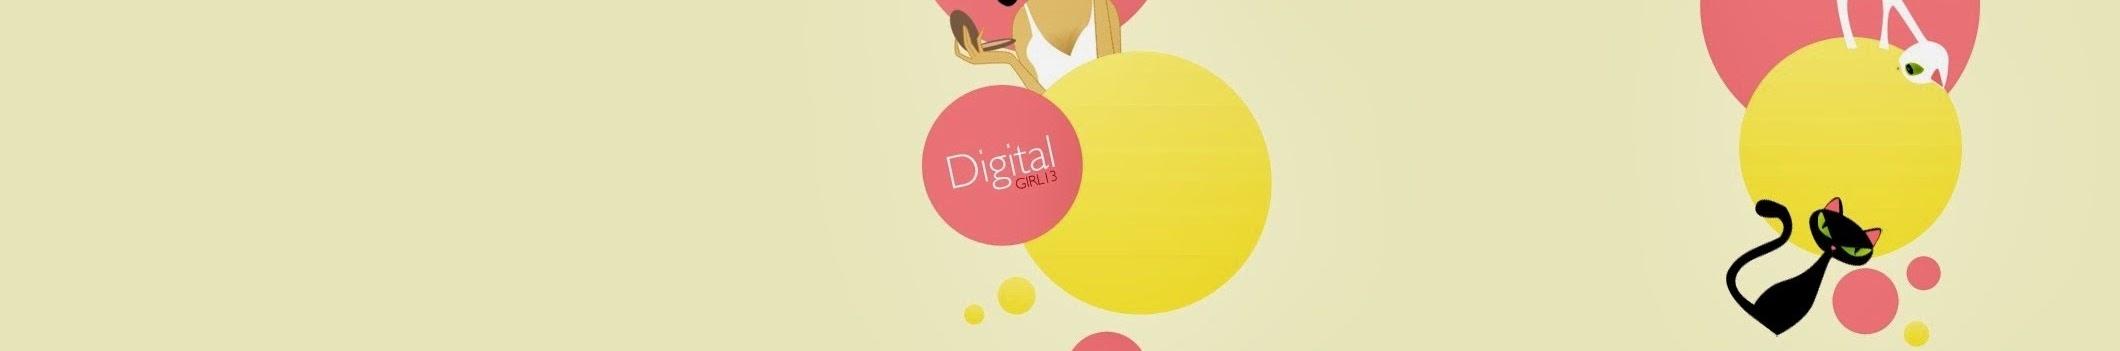 digitalgirl13